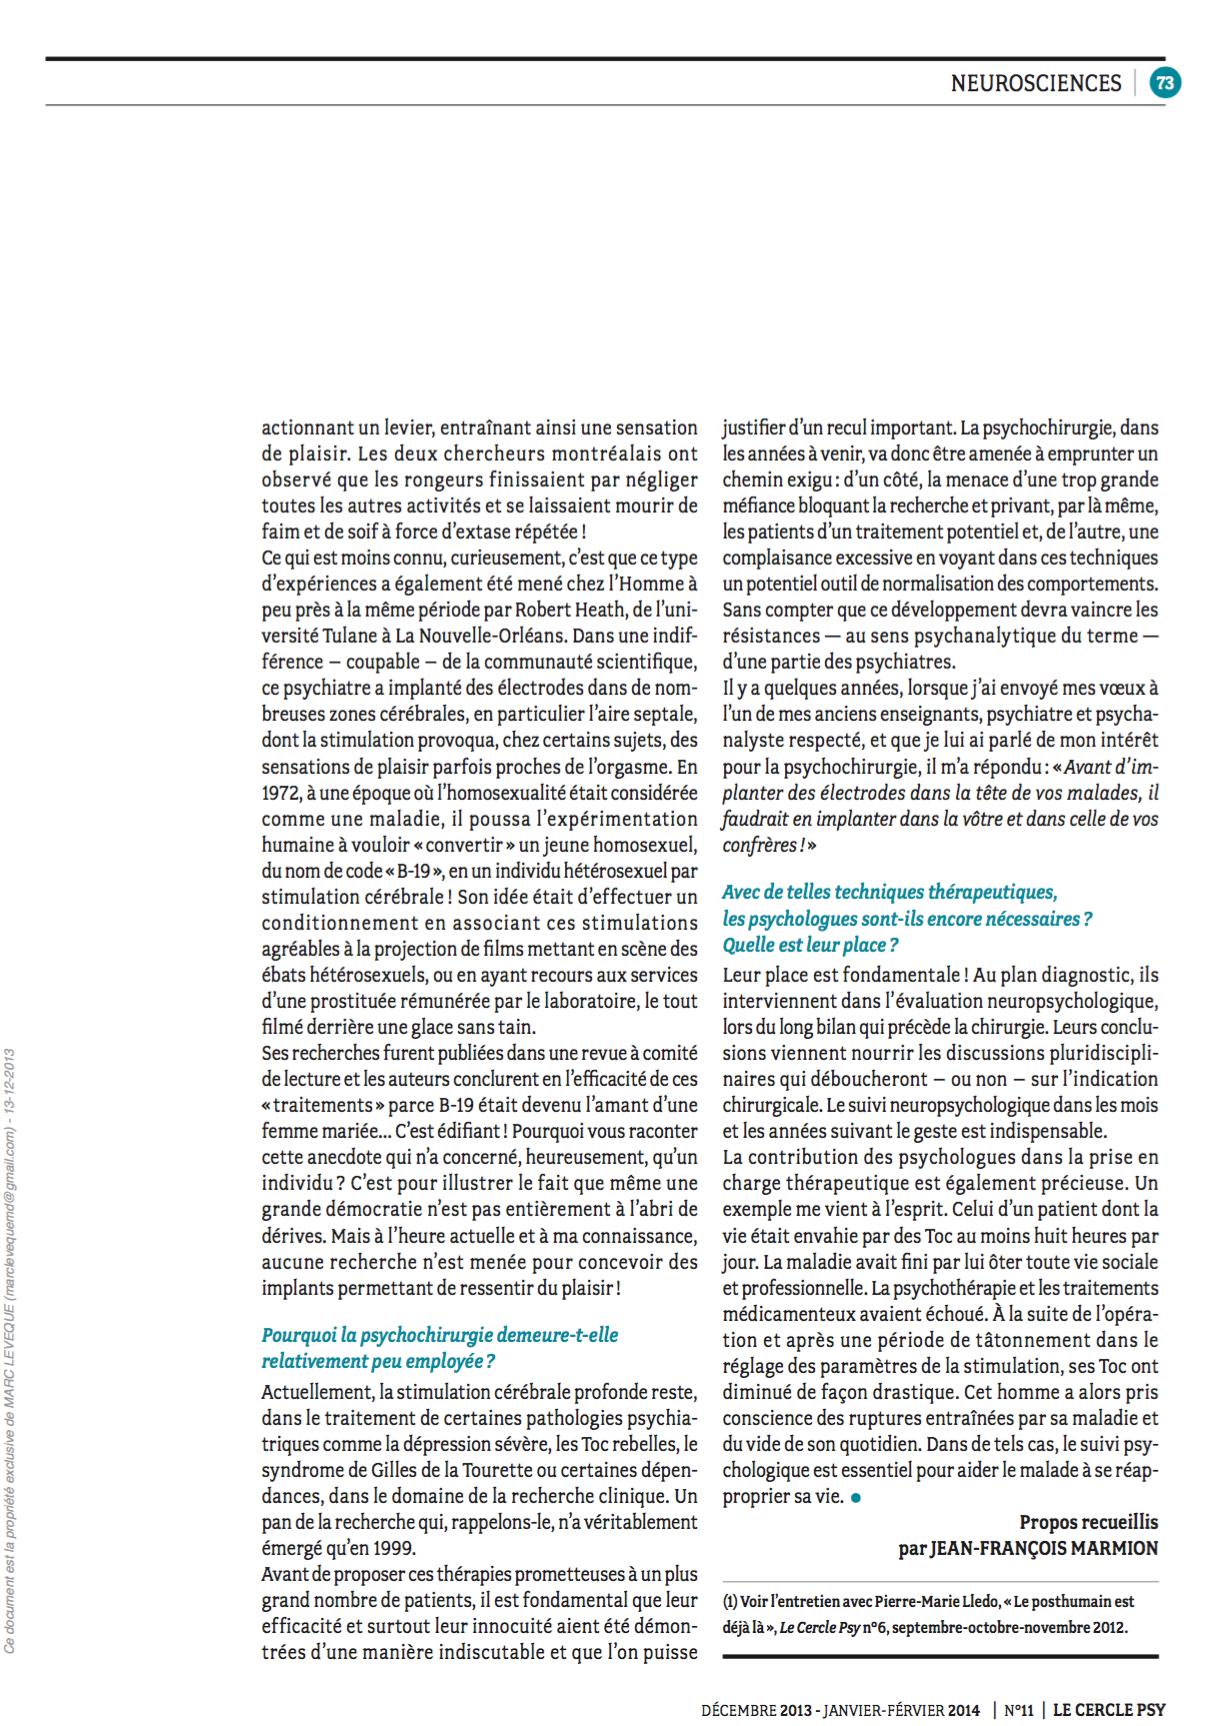 Cercle Psy - La psychochirurgie : entre promesse et repentir - 02/02/14   (6)